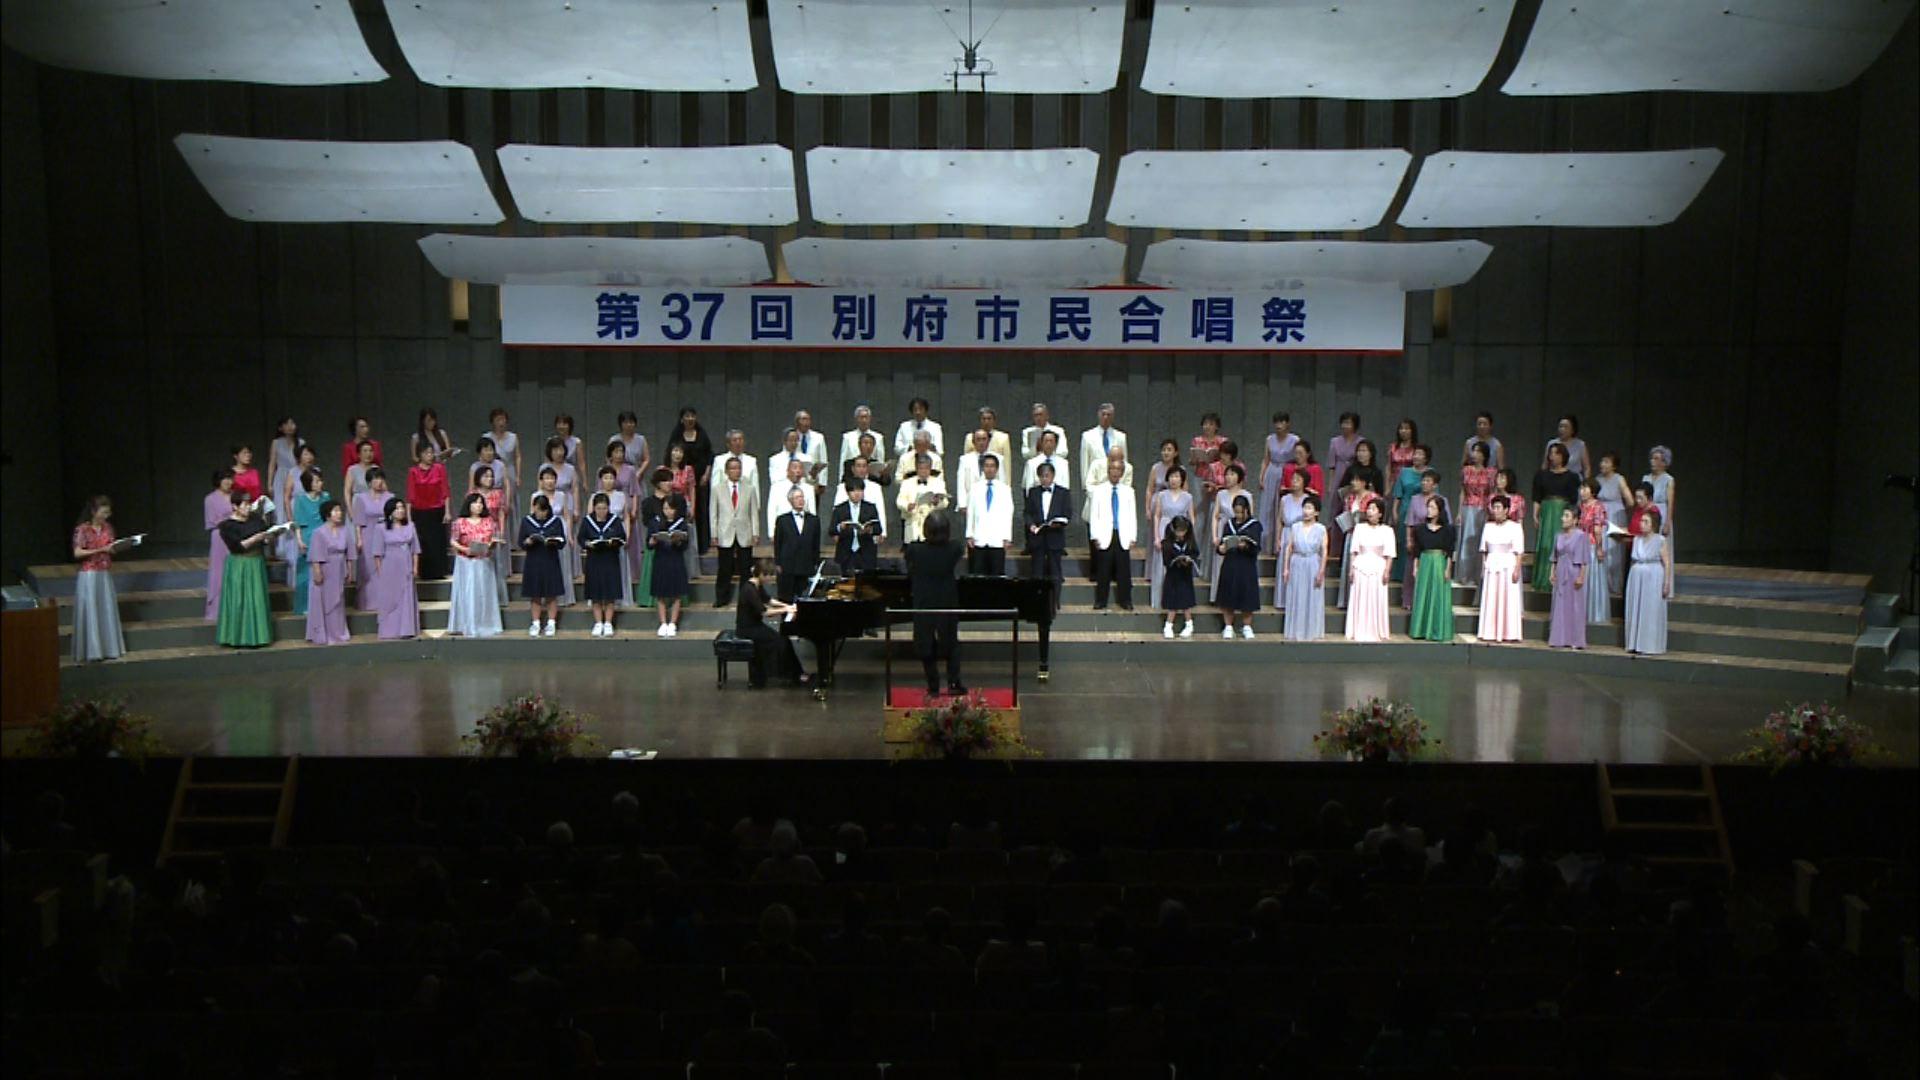 第37回別府市民合唱祭